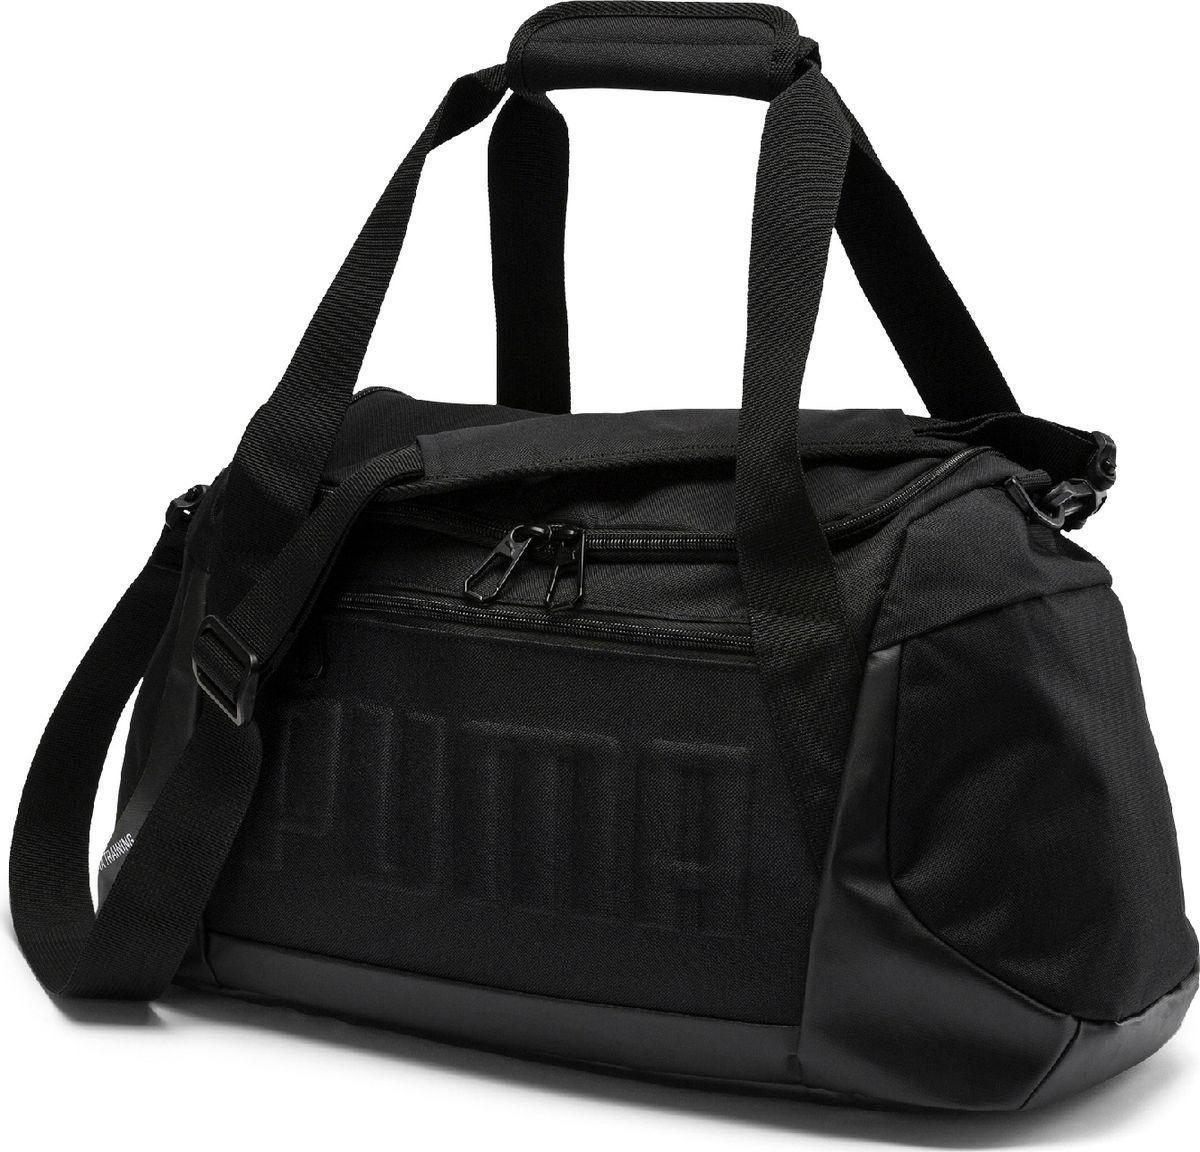 354183b29c20 Сумка Puma GYM Duffle Bag S, 07573901, черный — купить в интернет-магазине  OZON.ru с быстрой доставкой